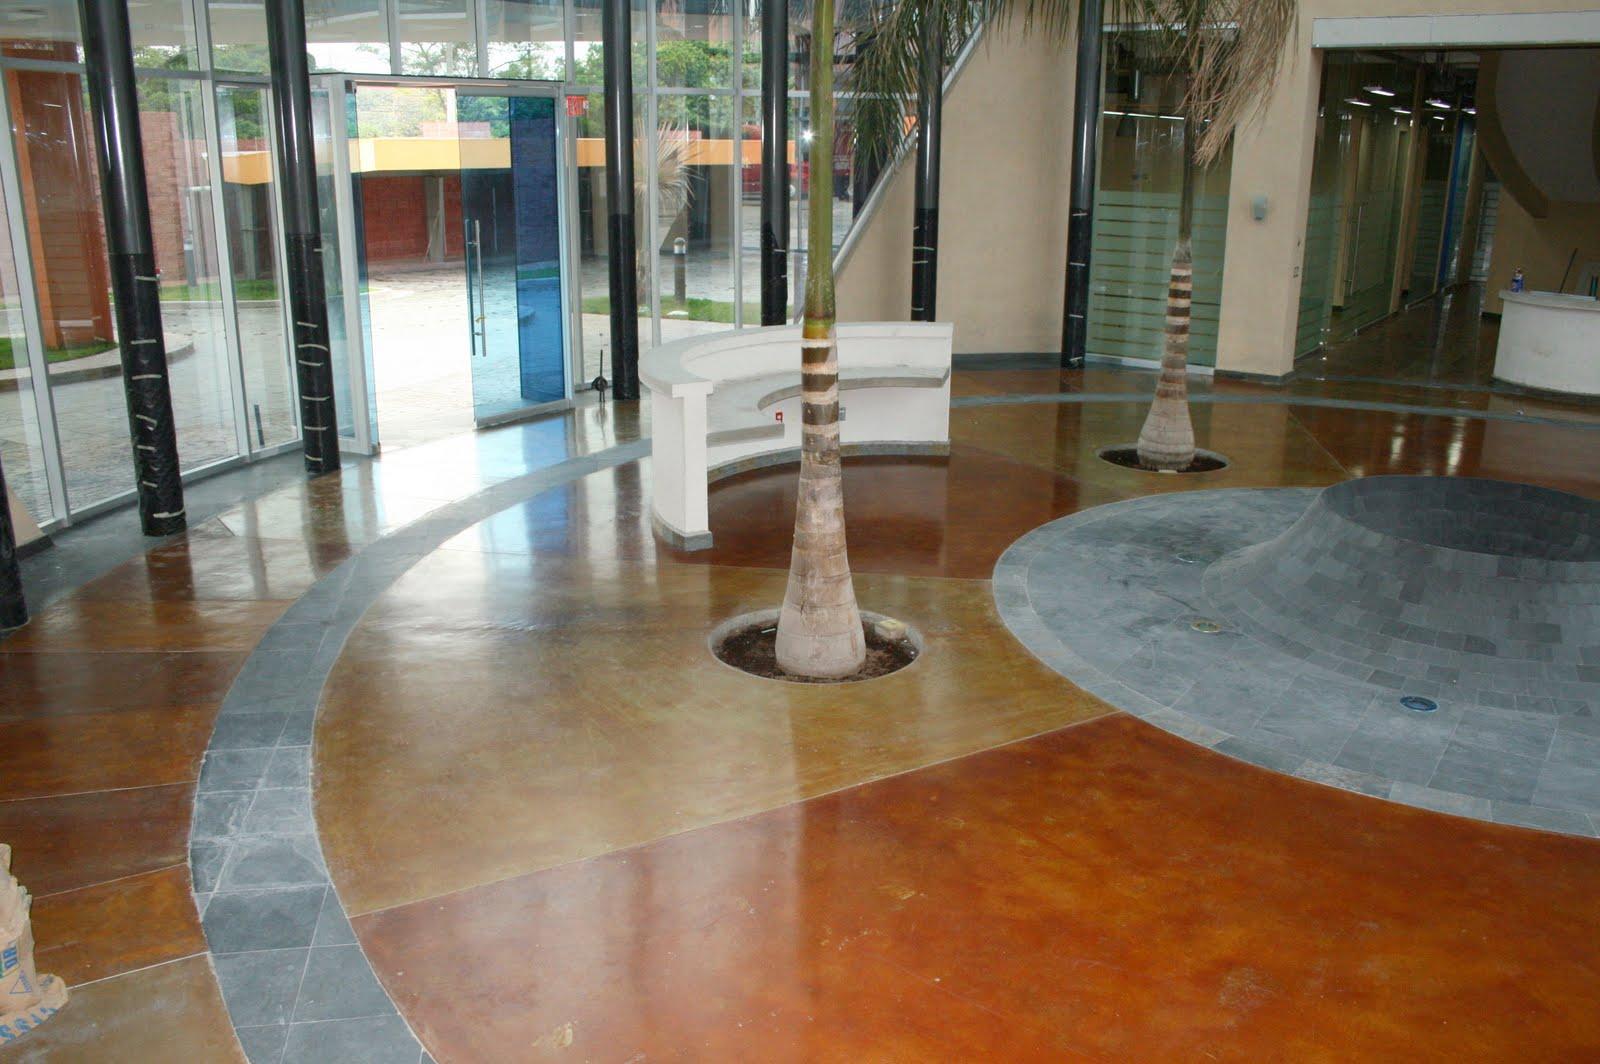 Pinturas de poliuretano para pisos pinturas y recubrimientos - Pintura para pisos de cemento ...